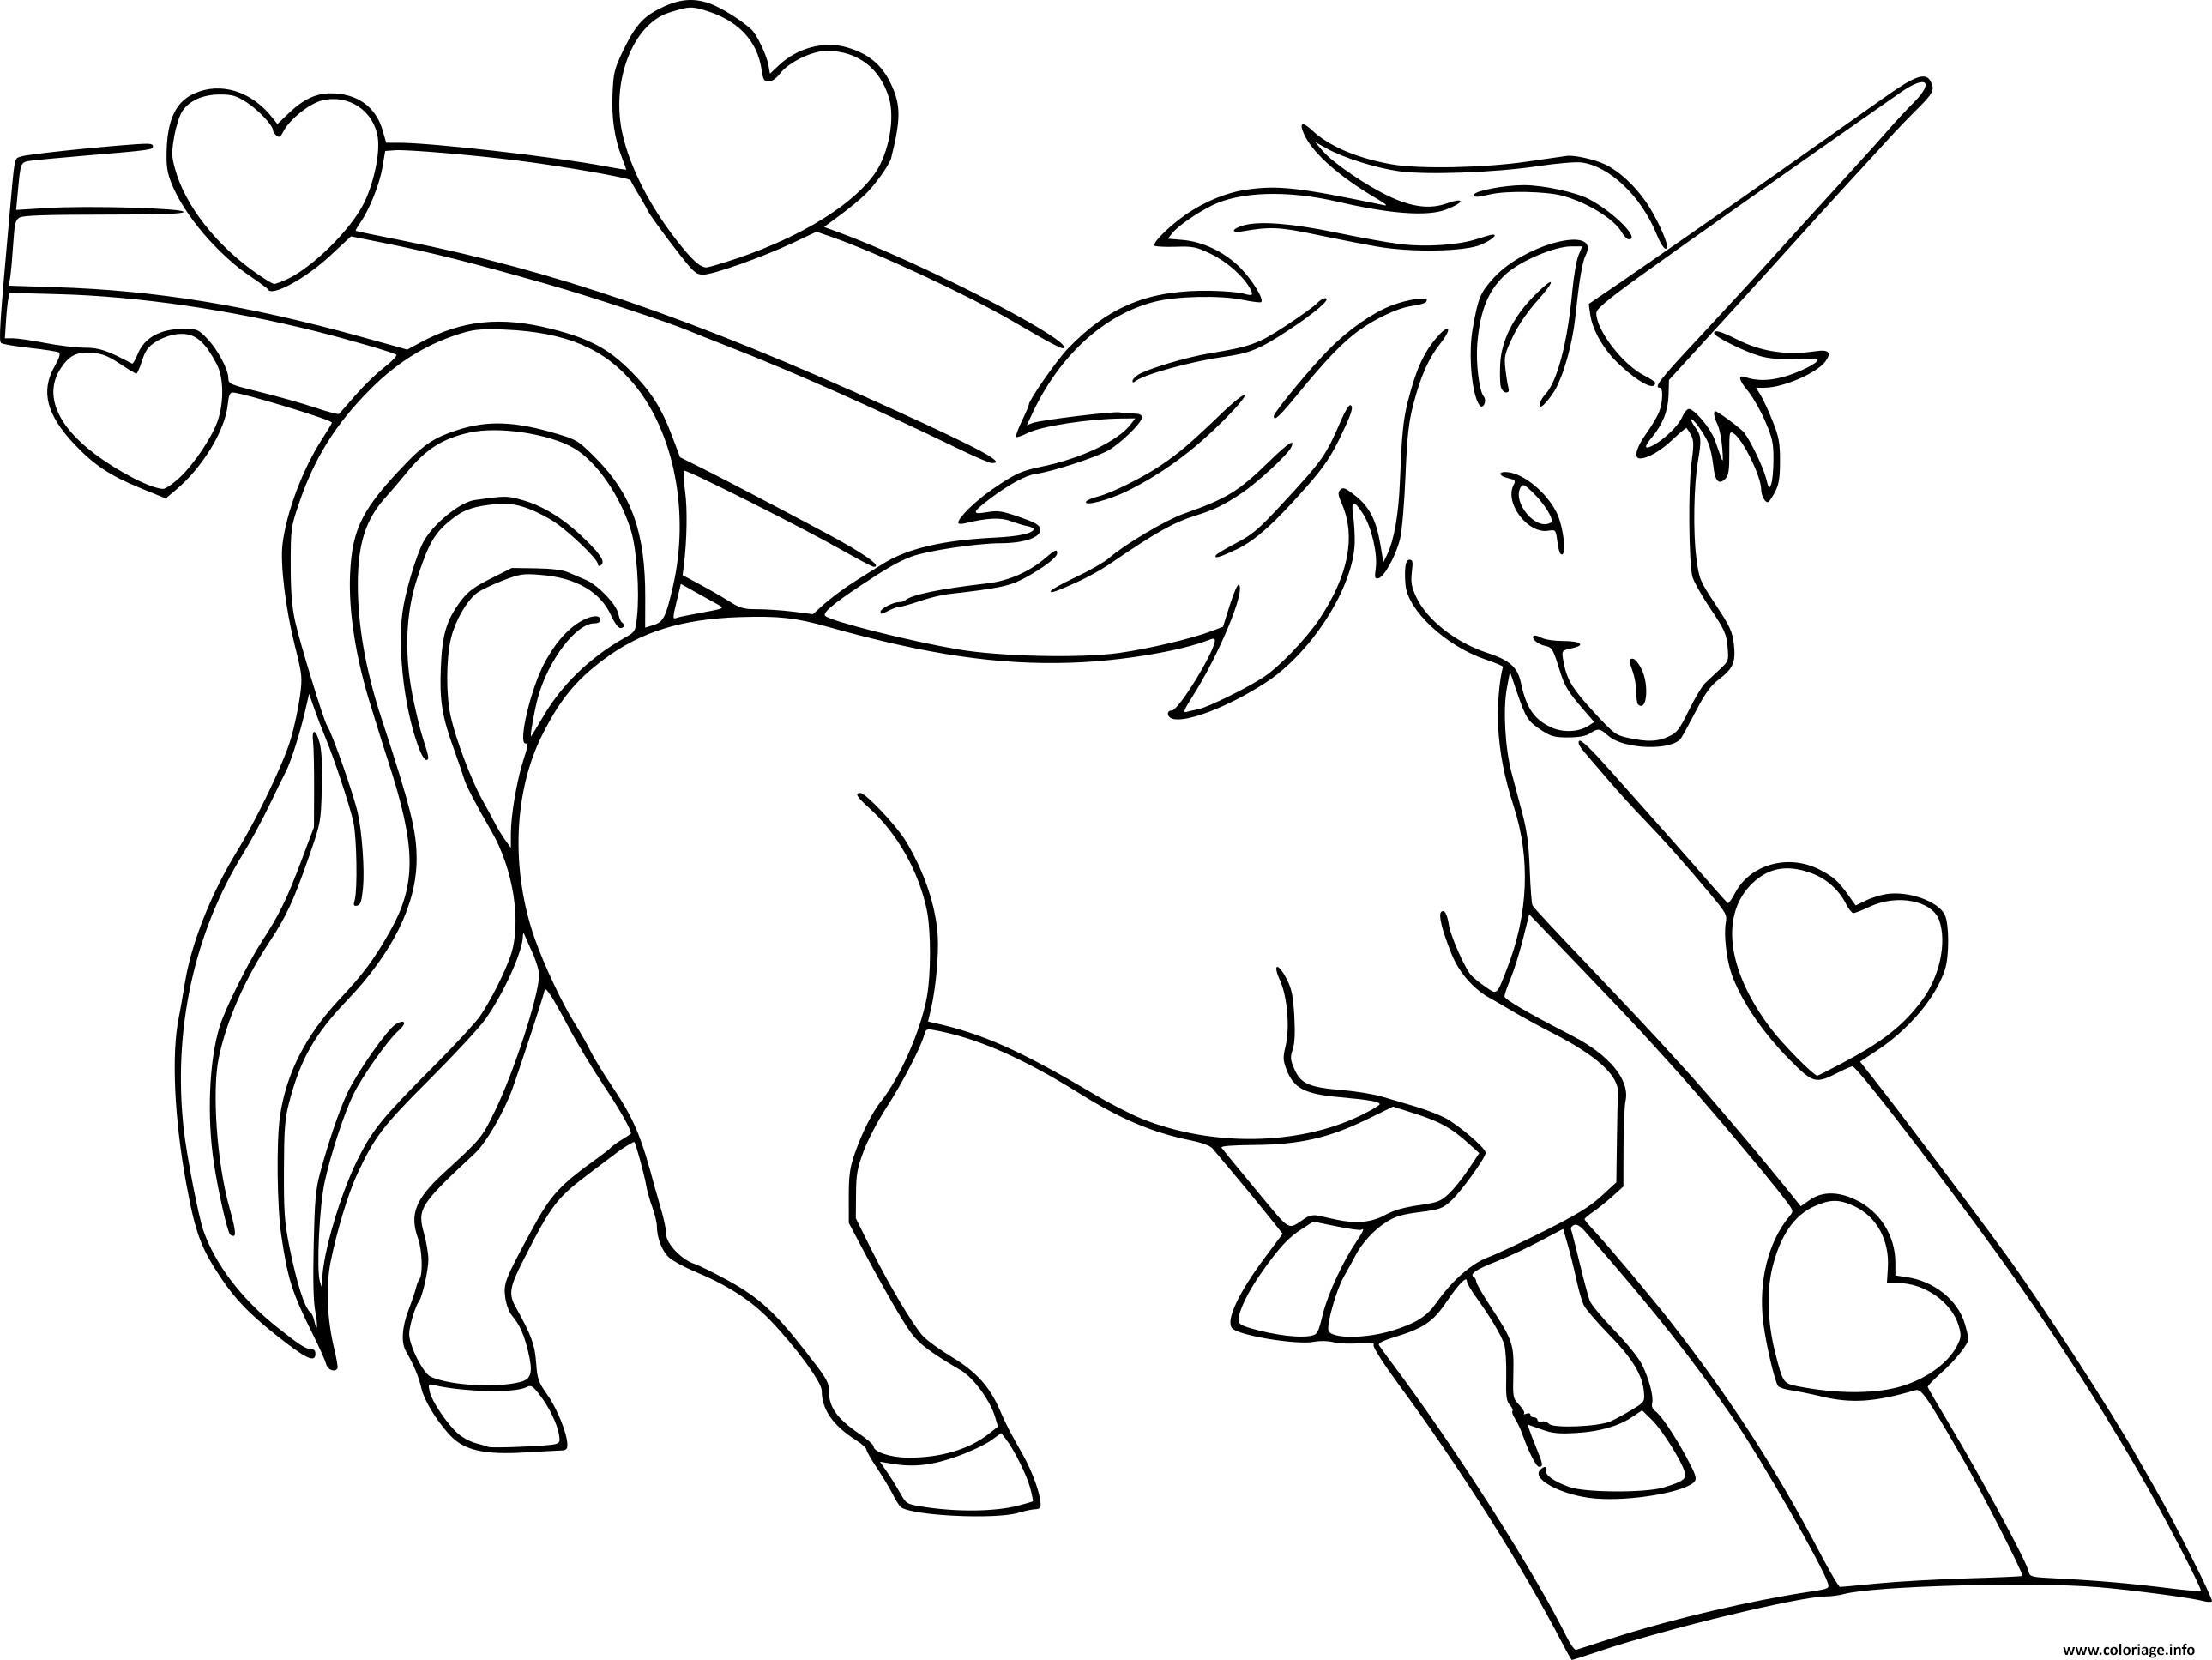 Coloriage Arc En Ciel Et Princesse.Coloriage Dessin Licorne Coeur Arc En Ciel Dessin